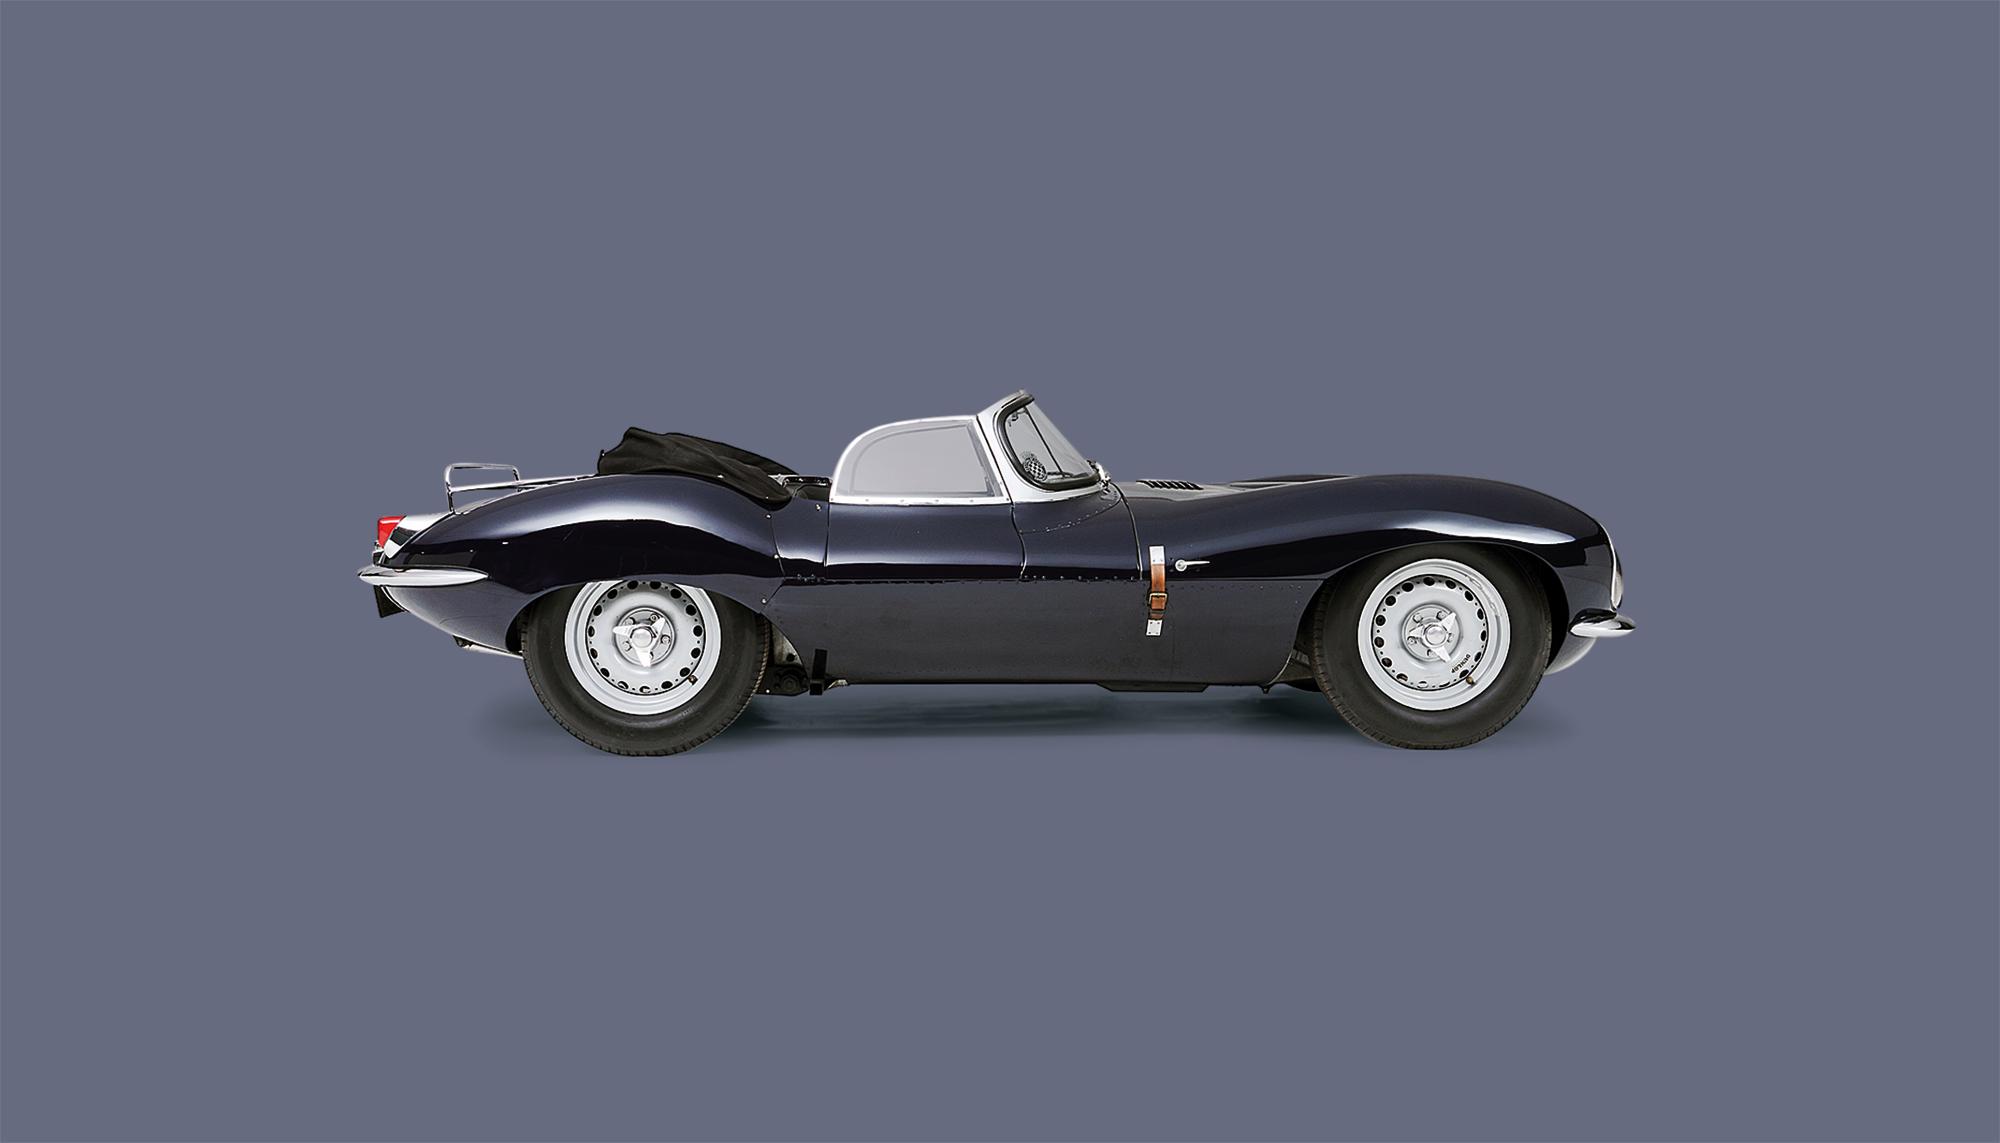 Bekijk Jaguar XKSS in het Louwman Museum